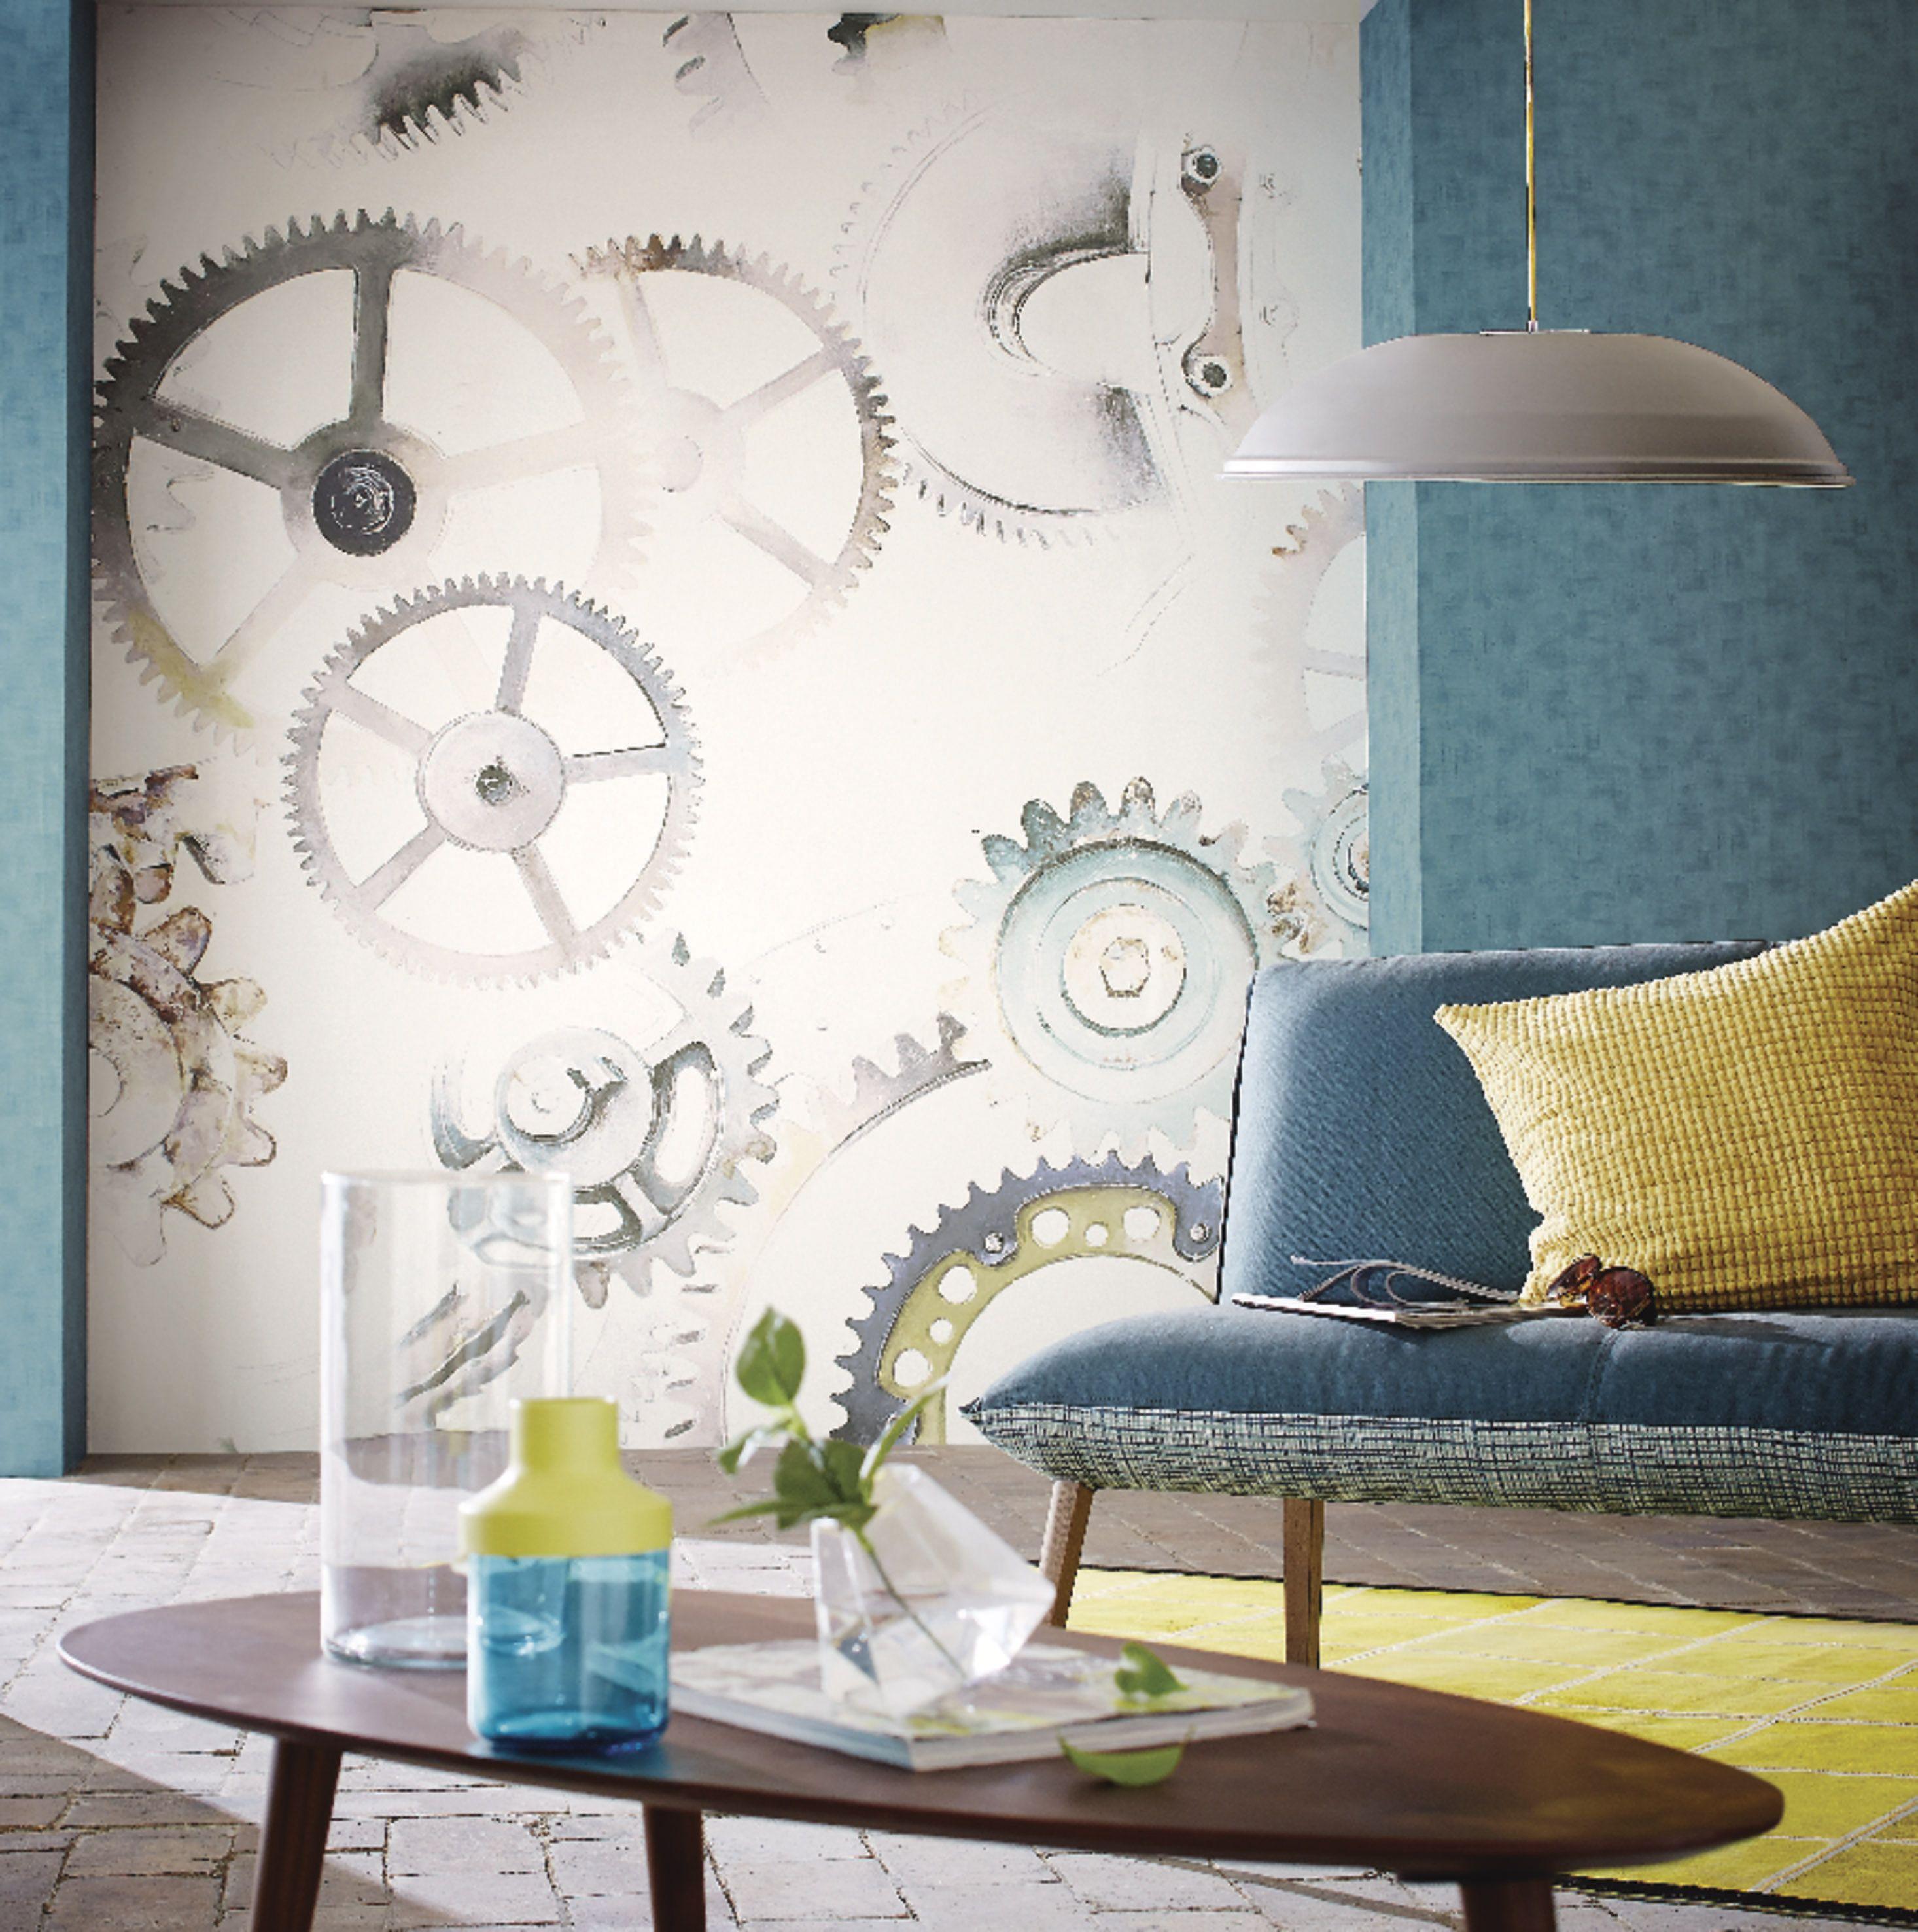 Papier Peint Loft Industriel : Collection papier peint loft esprit industriel vinyle